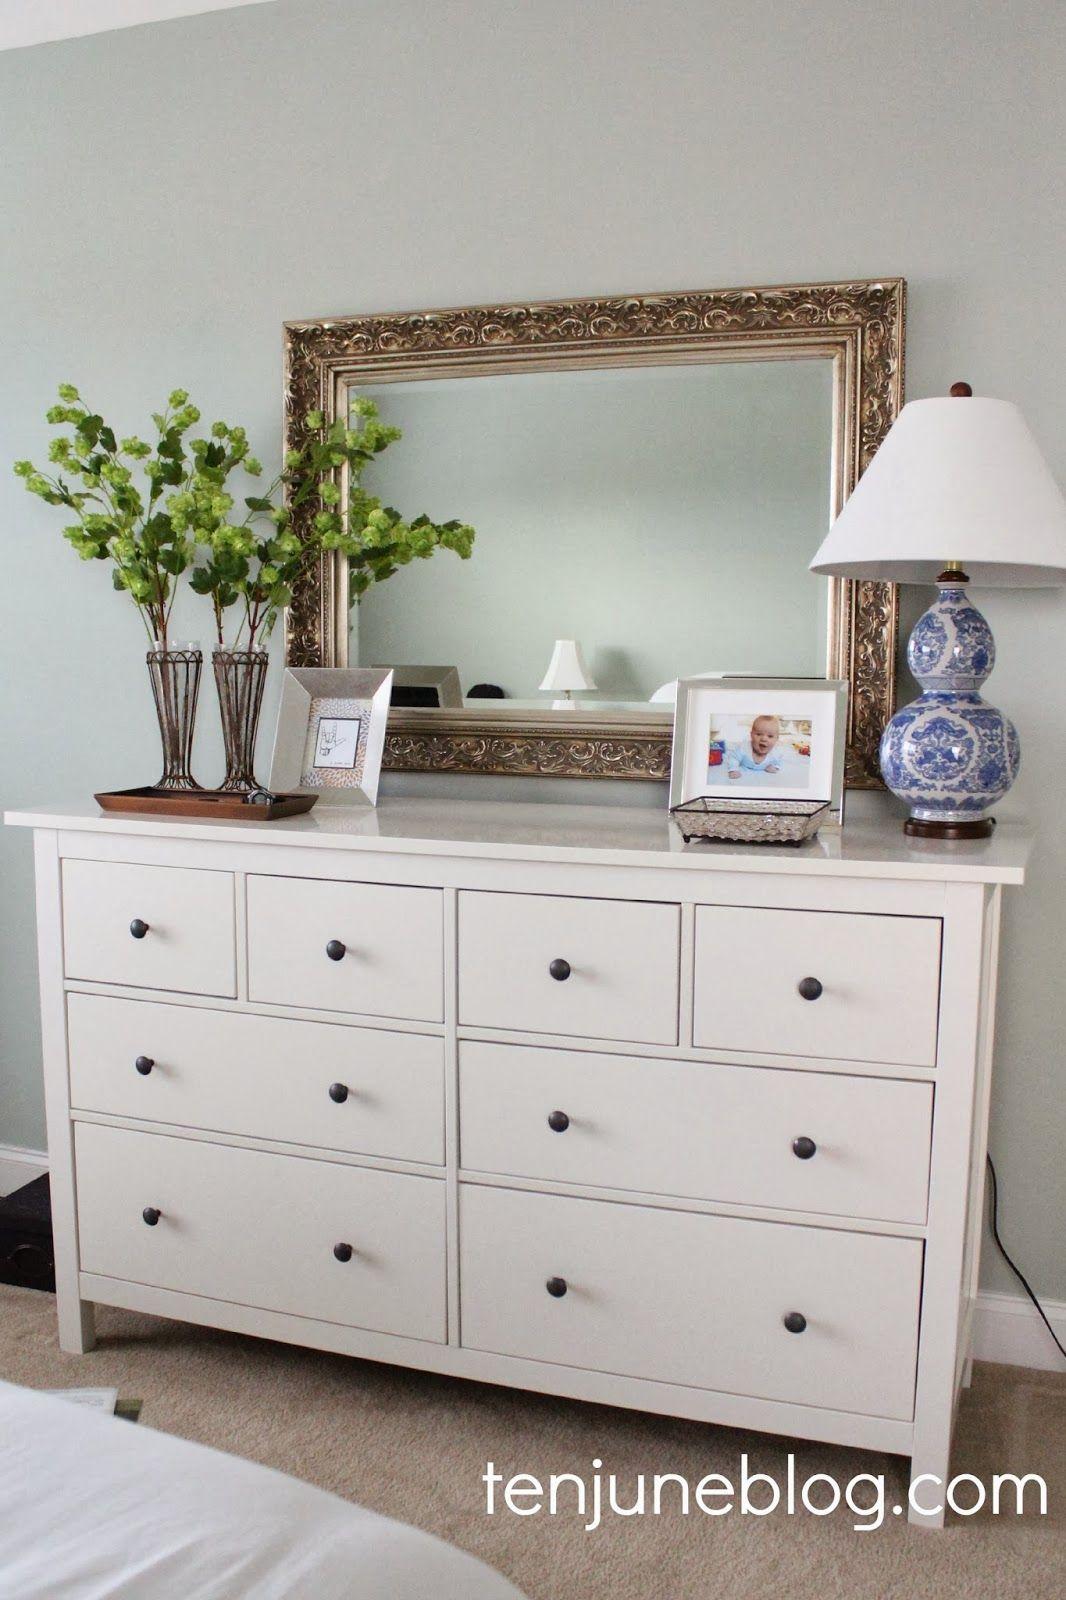 Master Bedroom Dresser Vignette  Home Inspiration  Bedroom dressers Dresser top decor Home